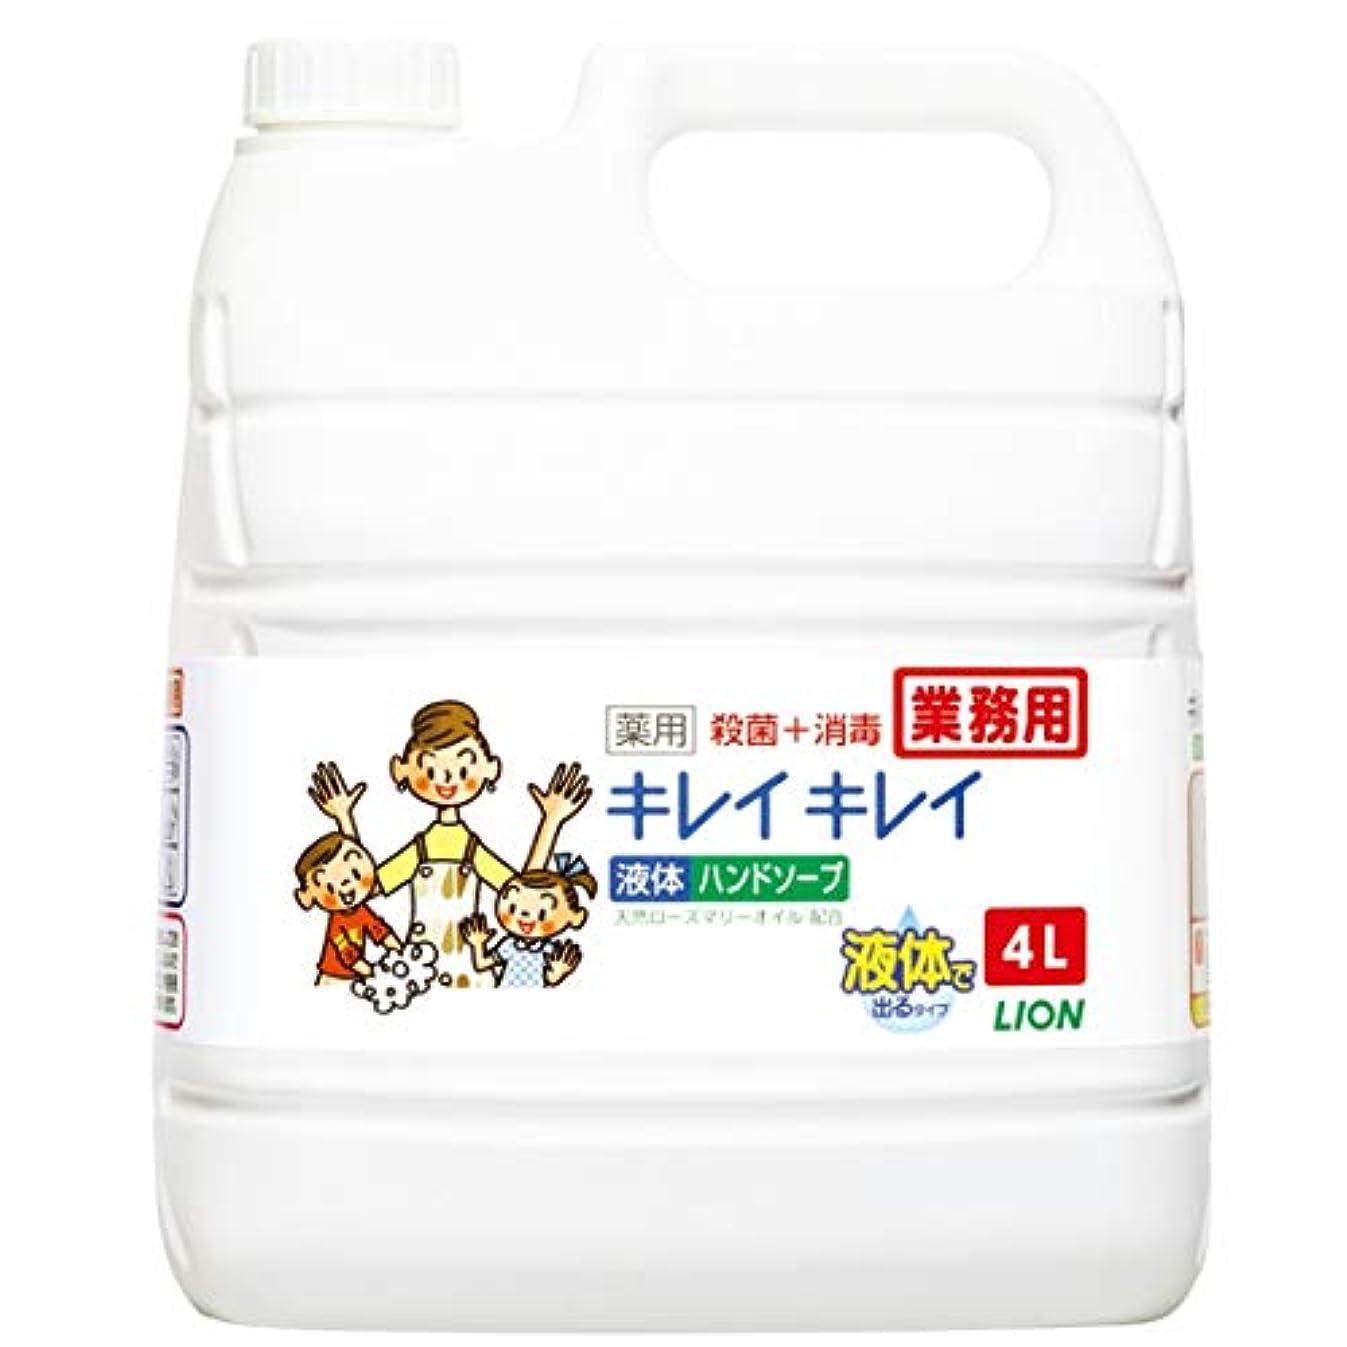 オッズ自明吸い込む【業務用 大容量】キレイキレイ 薬用 ハンドソープ  4L(医薬部外品)